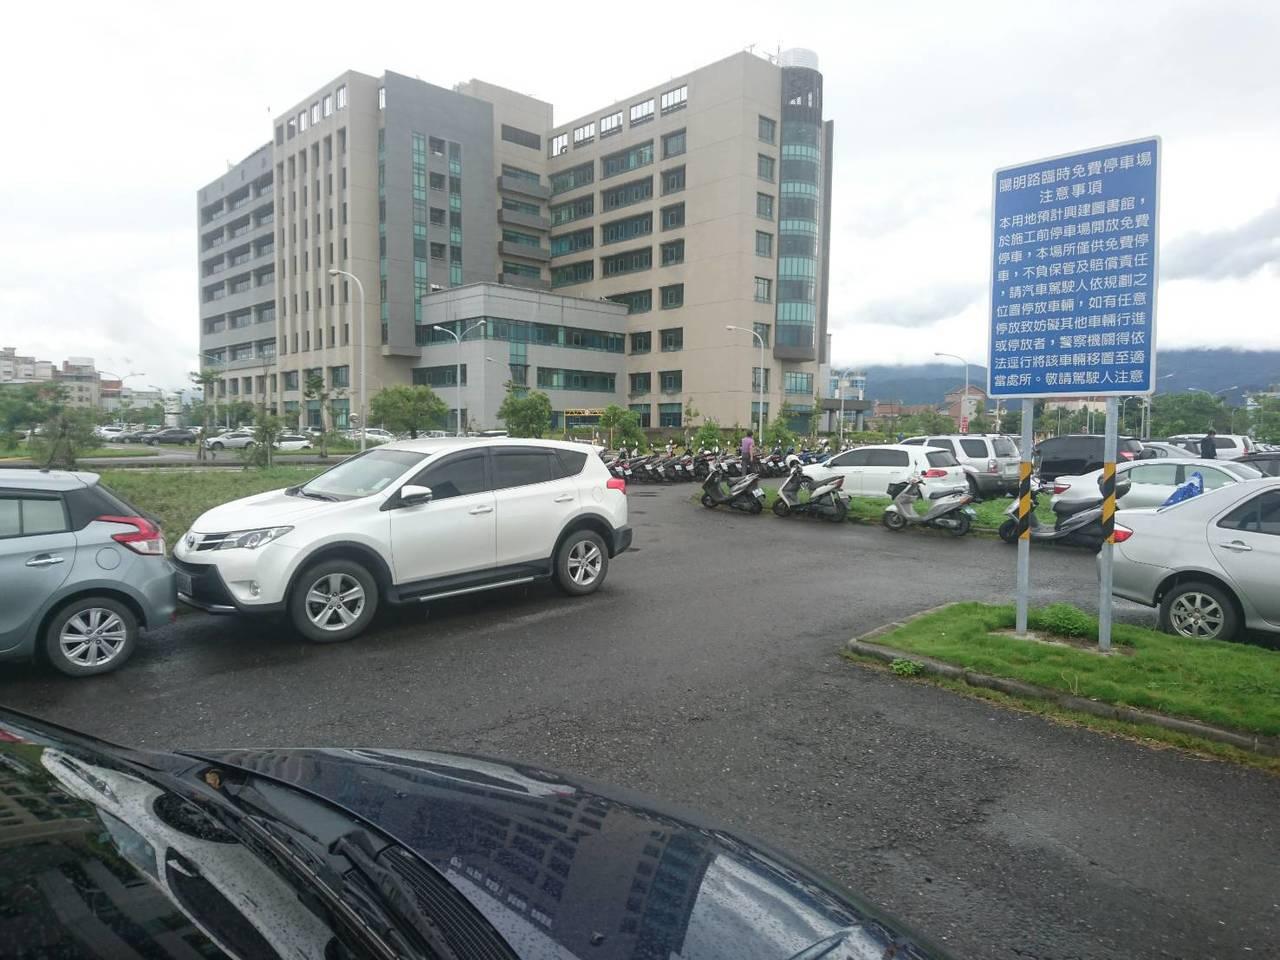 陽明大學附設醫院2期擴建計畫,因施工造成停車數量減少,影響動線及醫療流程,造成醫...